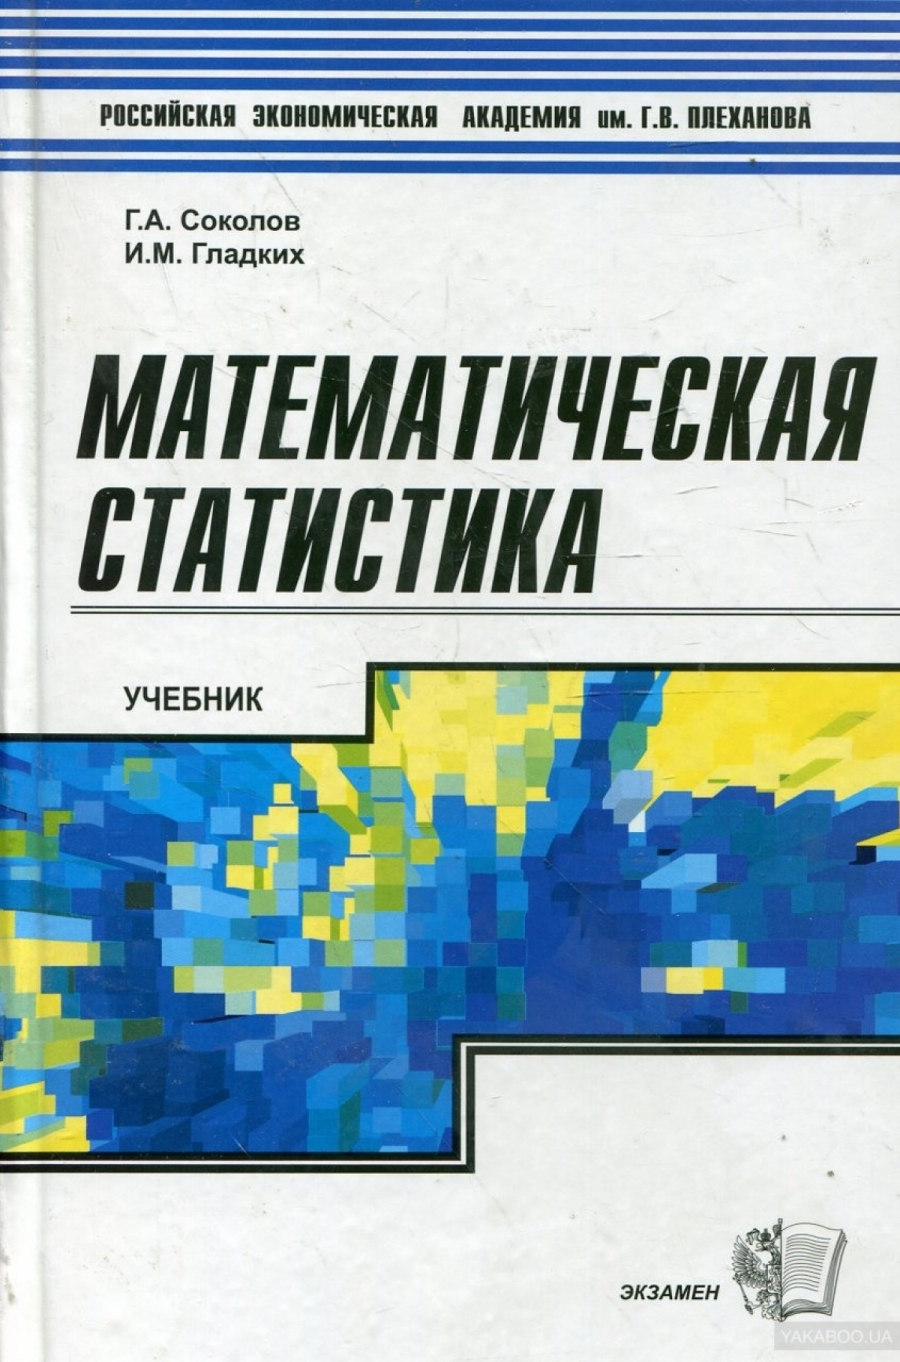 Обложка книги:  банковский менеджмент управление персоналом- одегов ю. г. , никонова т. в